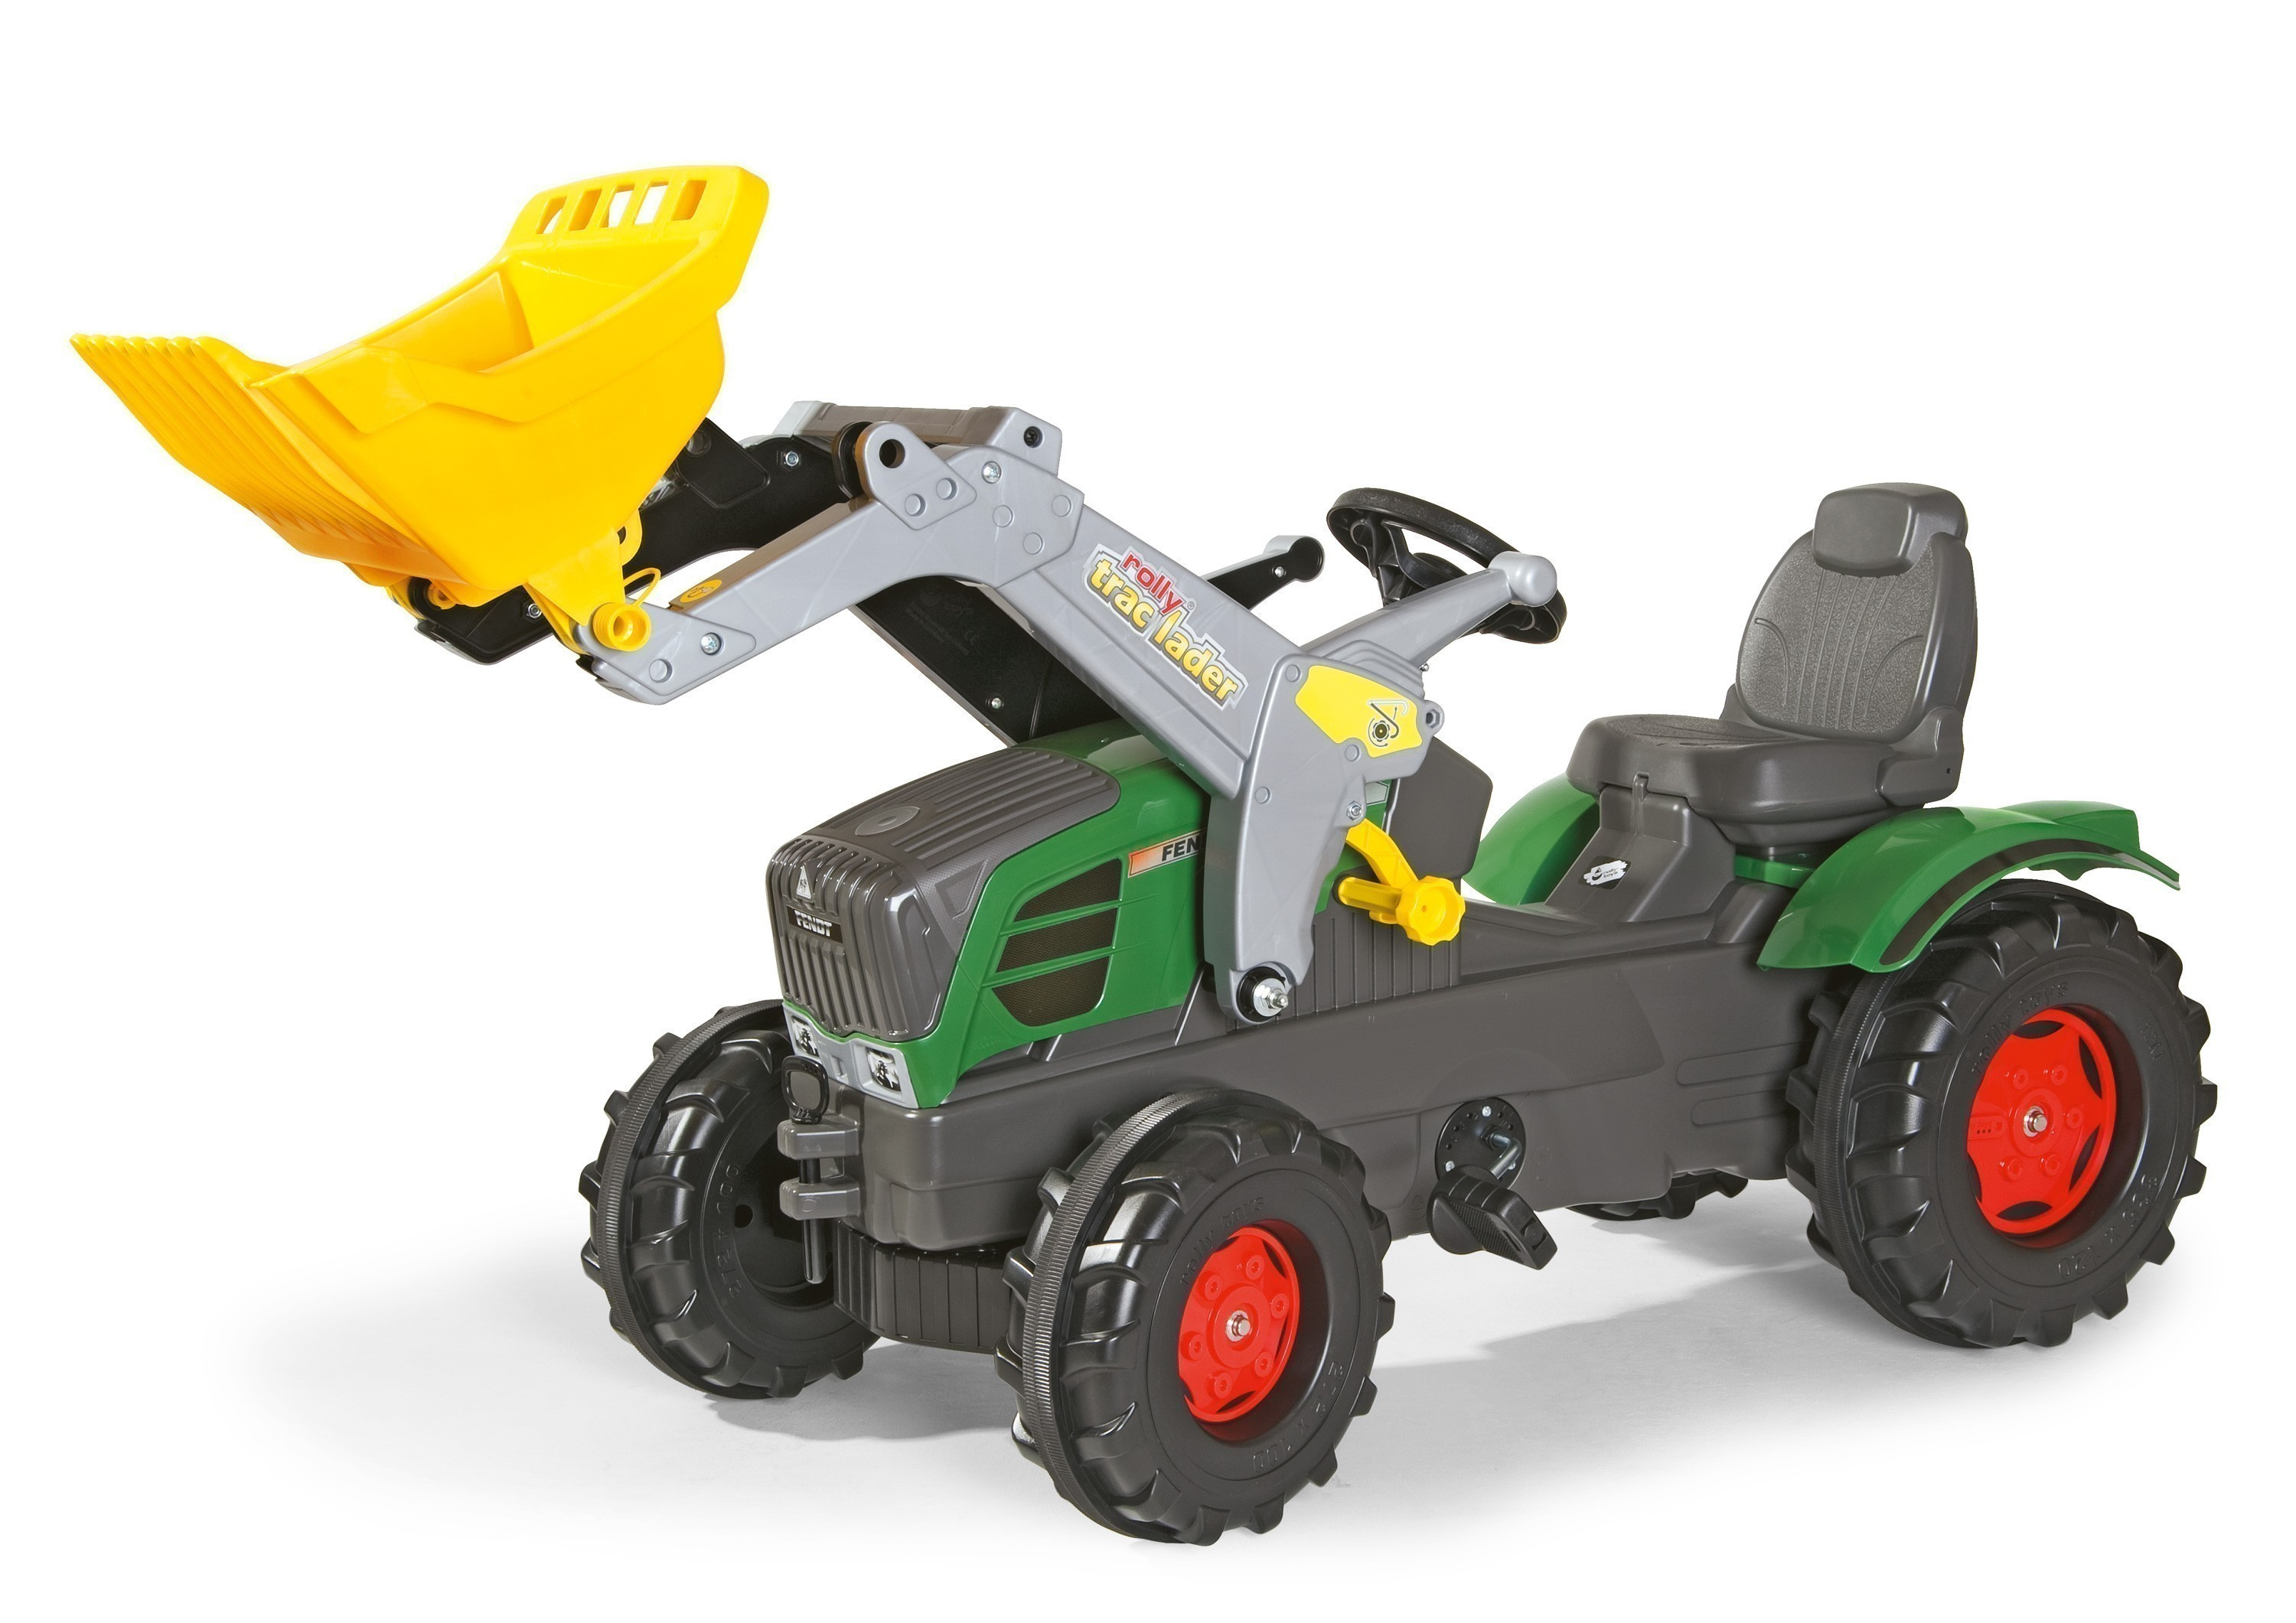 Trettraktor rolly Farmtrac Fendt 211 Vario Frontlader - Rolly Toys Bild 1